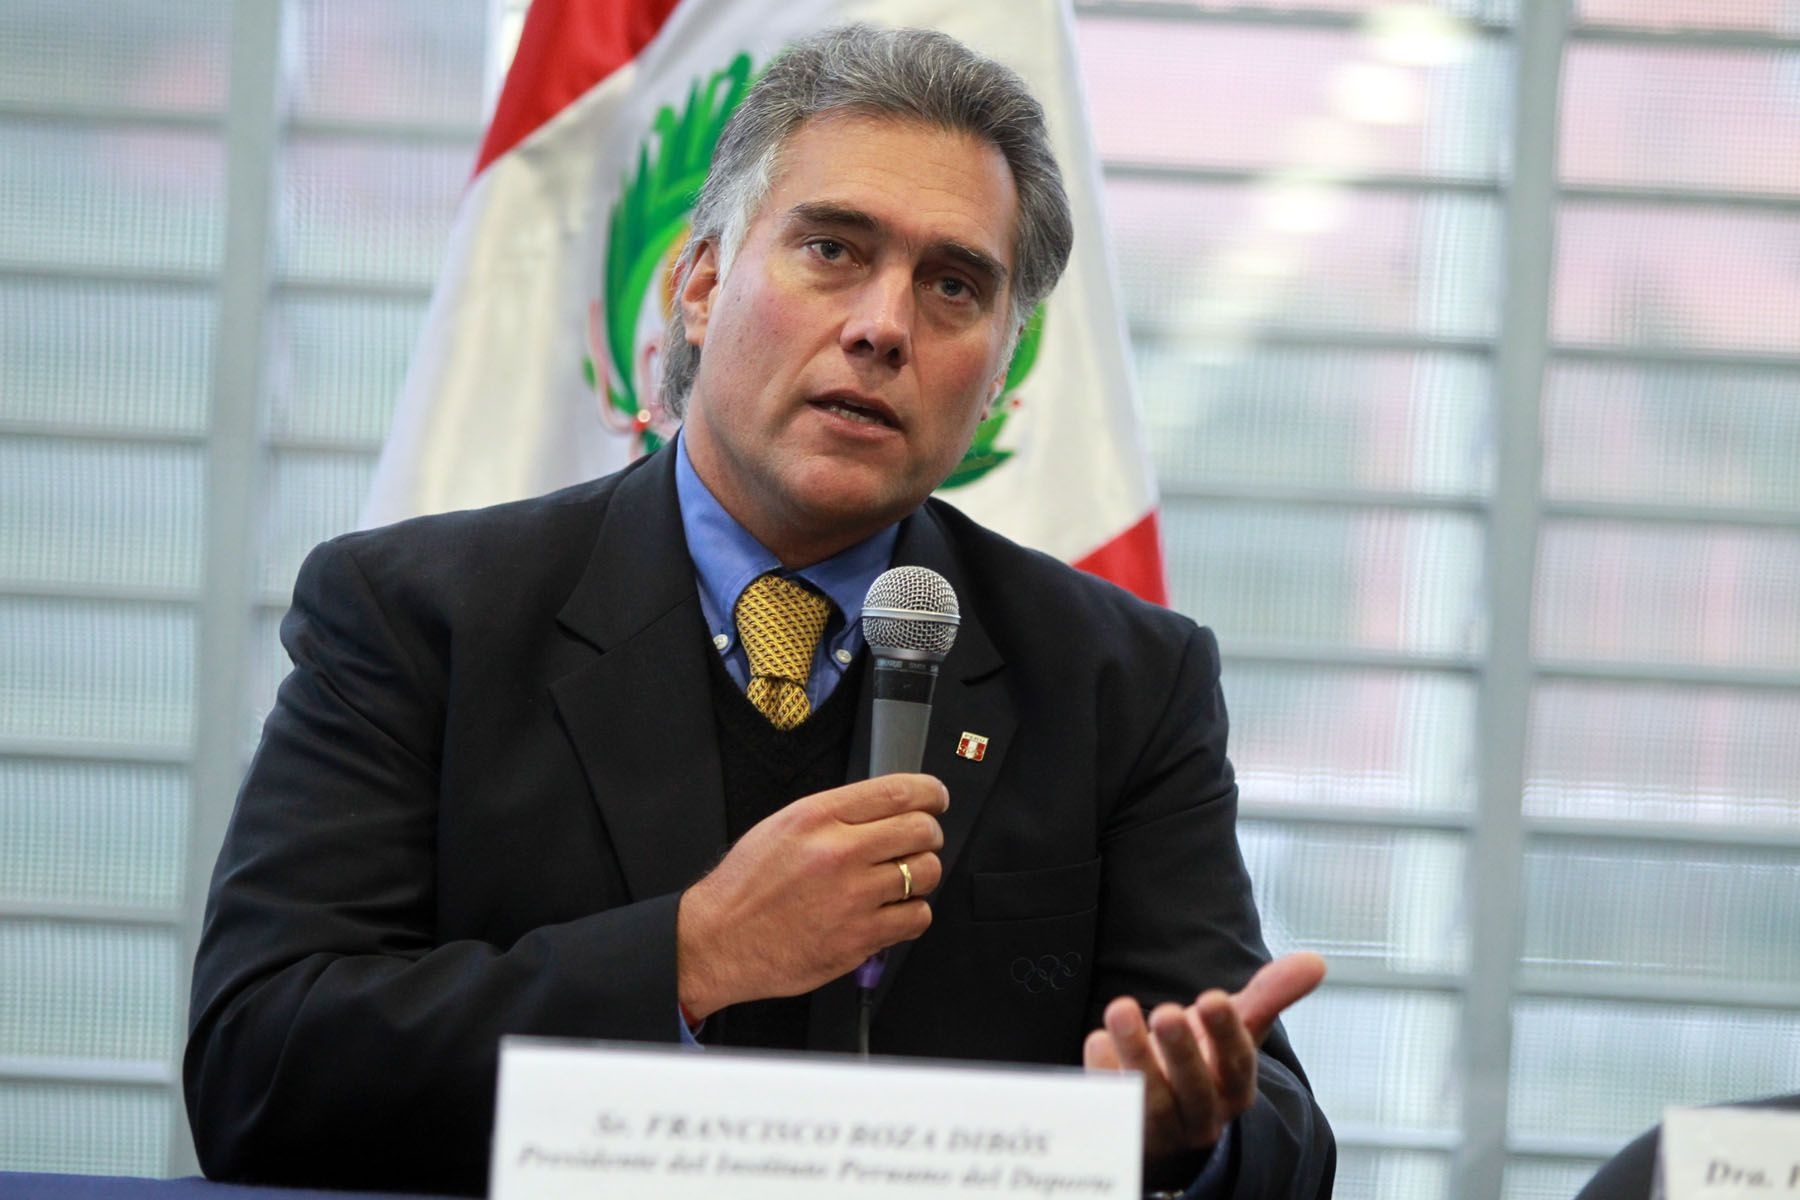 Presidente del Instituto Peruano del Deporte, Francisco Boza. Foto: ANDINA/Carlos Lezama